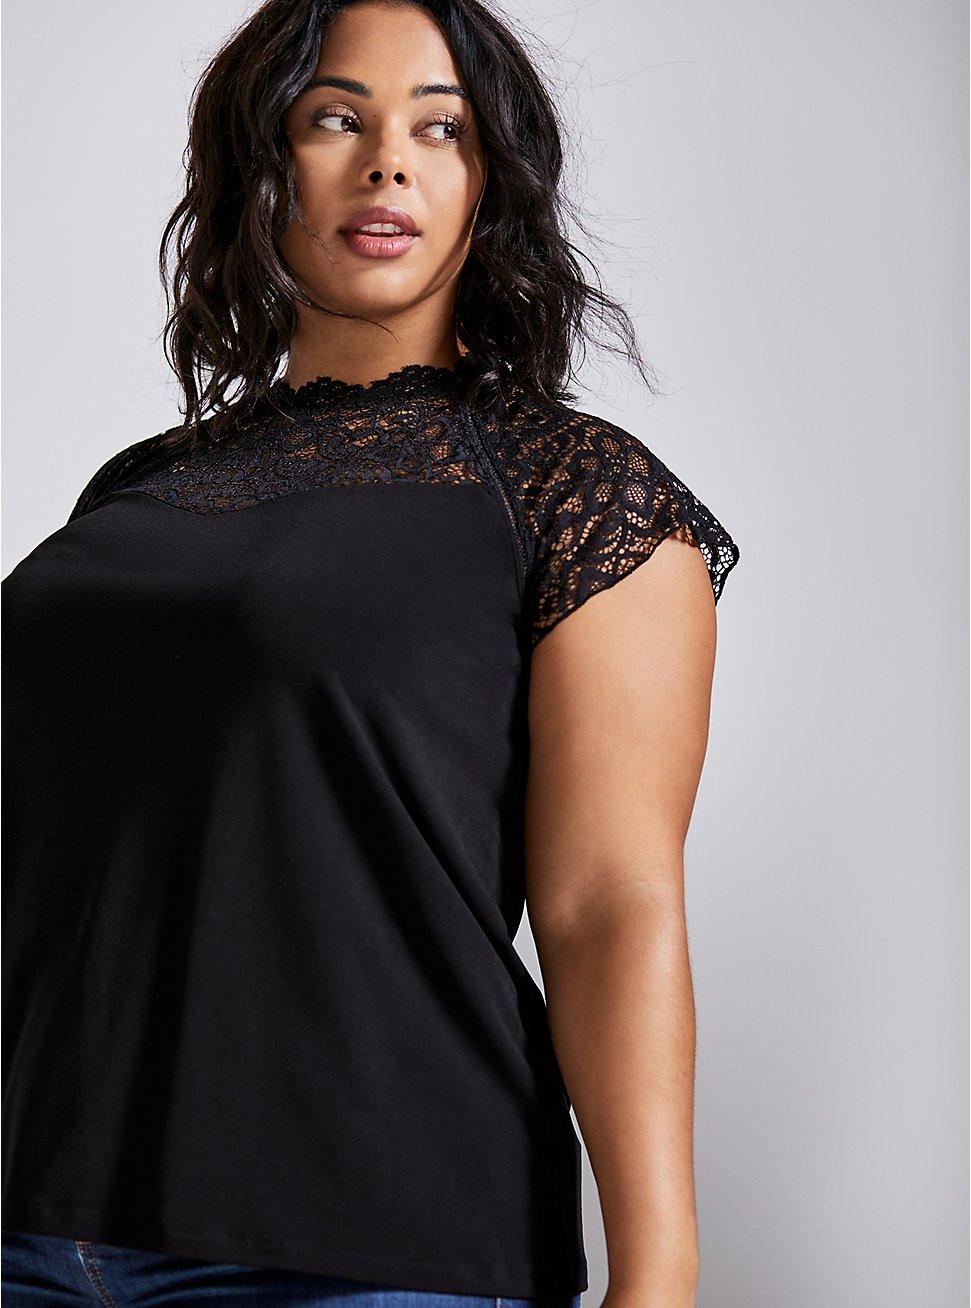 High-Neck Top - Lace Black, DEEP BLACK, hi-res